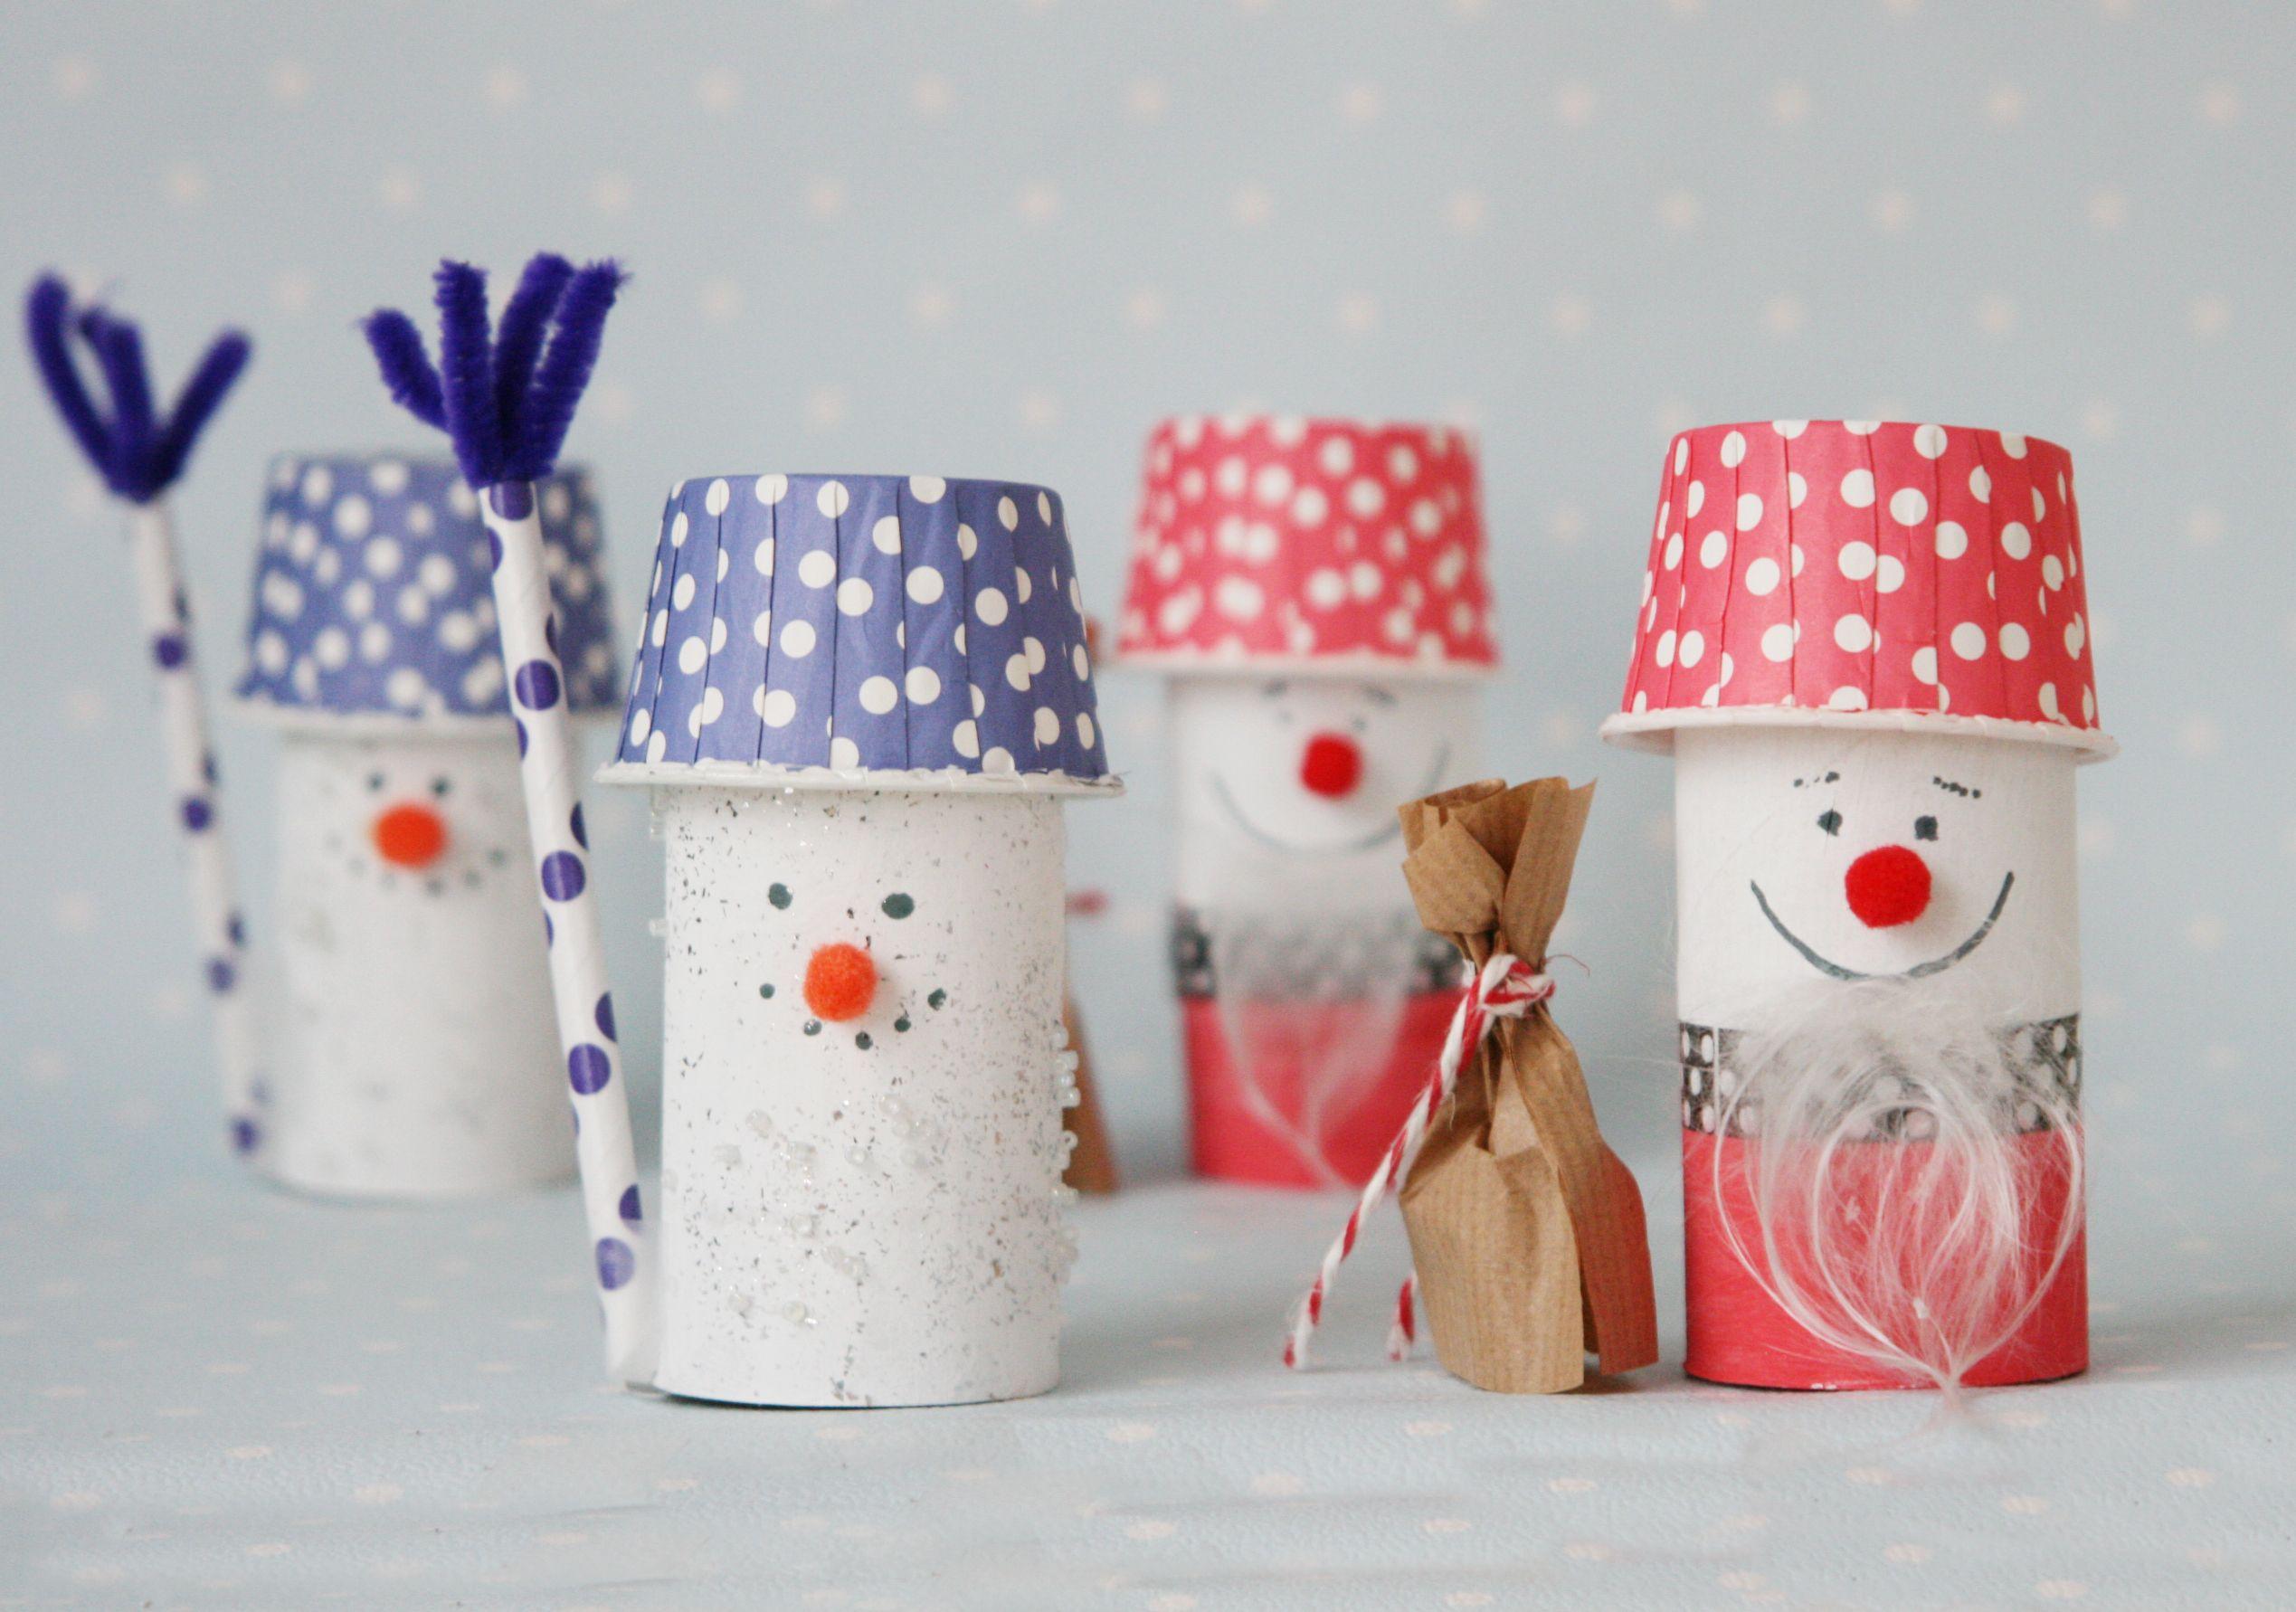 schneemann aus toilettenpapierrolle basteln ganz einfach klorollen basteln weihnachtsmann. Black Bedroom Furniture Sets. Home Design Ideas